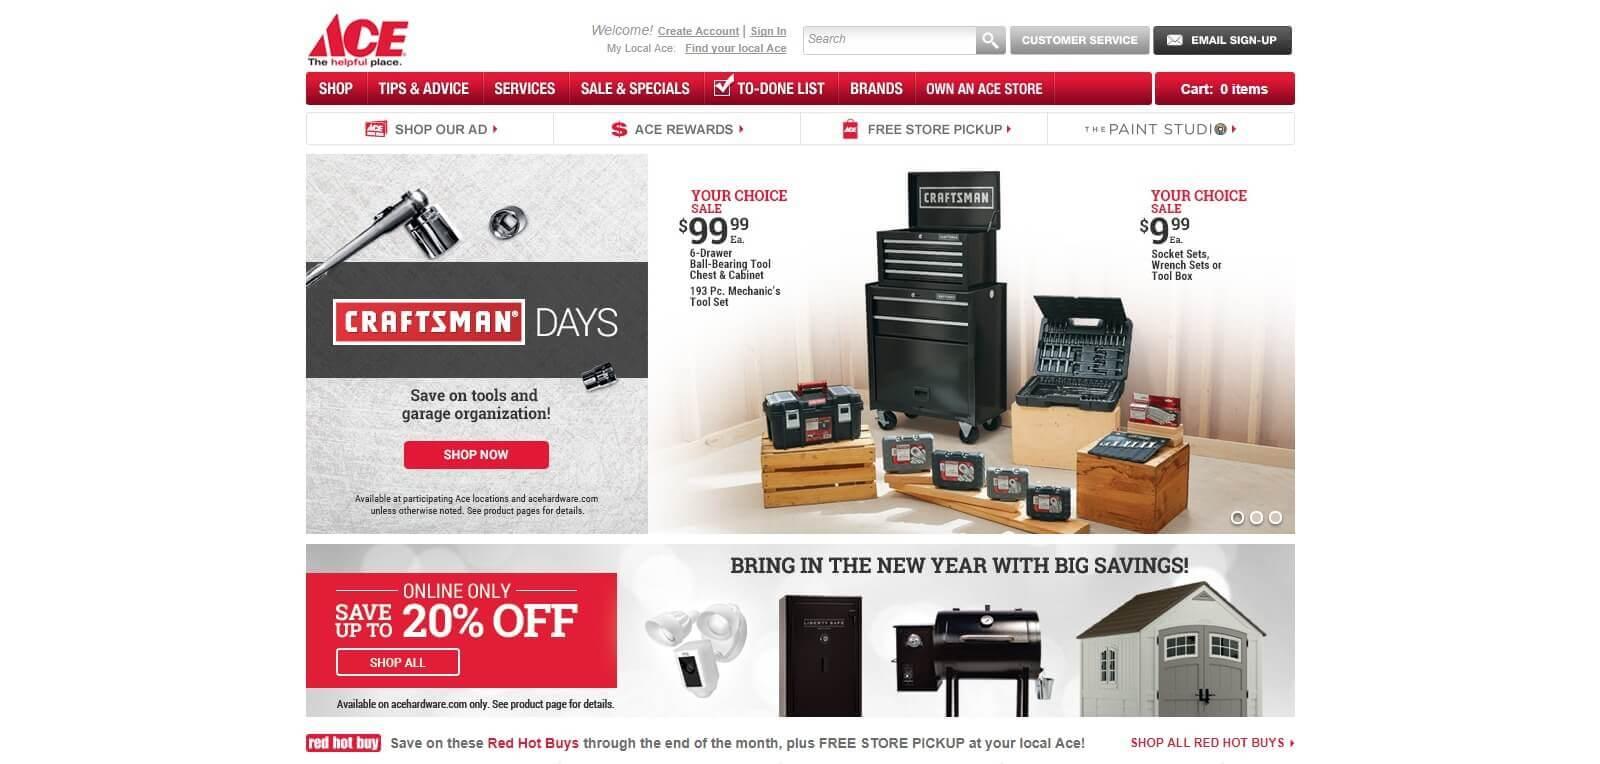 Vì sao cần thiết kế website bán hàng vật liệu xây dựng